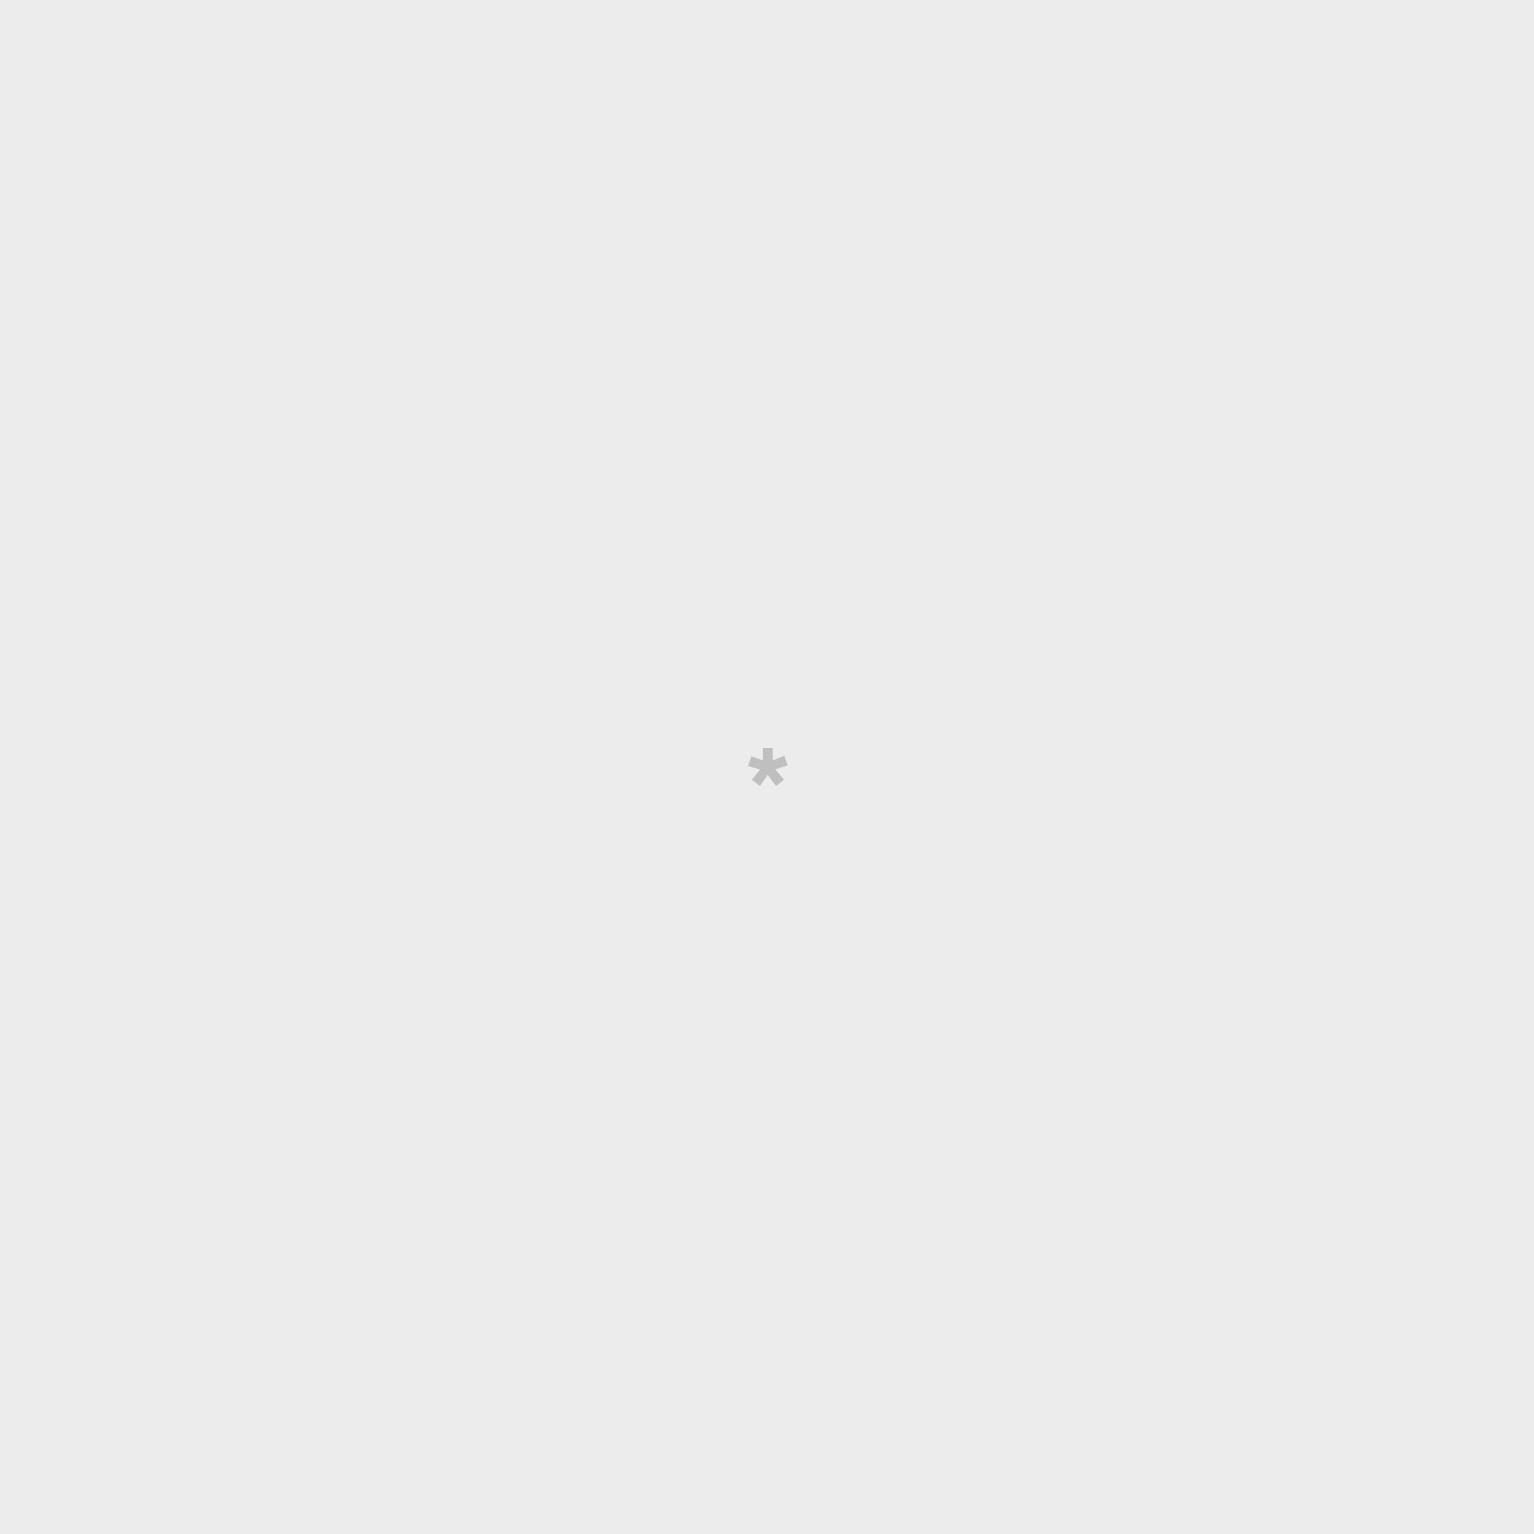 Tablier japonais - Ici, on vit avec le cœur heureux